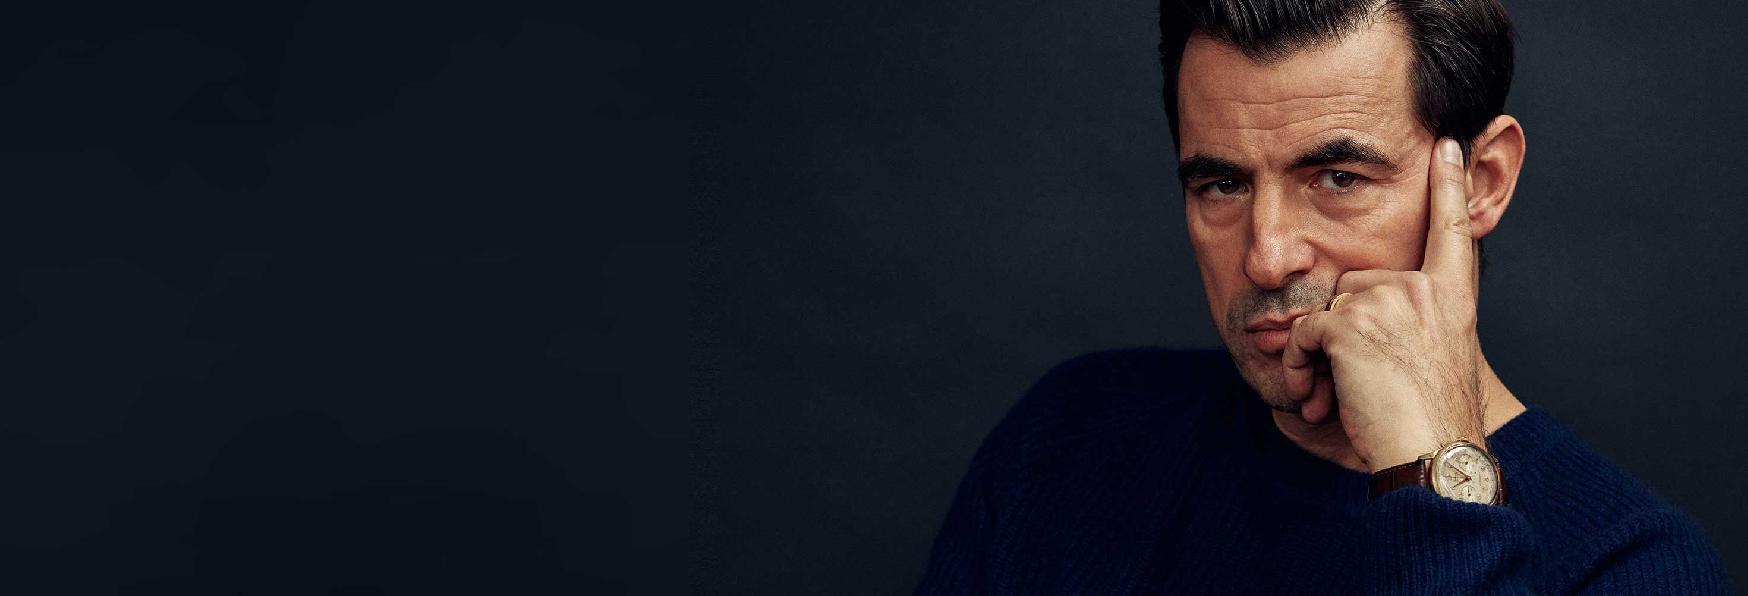 BBC e Netflix rilasciano la Prima Immagine di Claes Bang come Conte Dracula